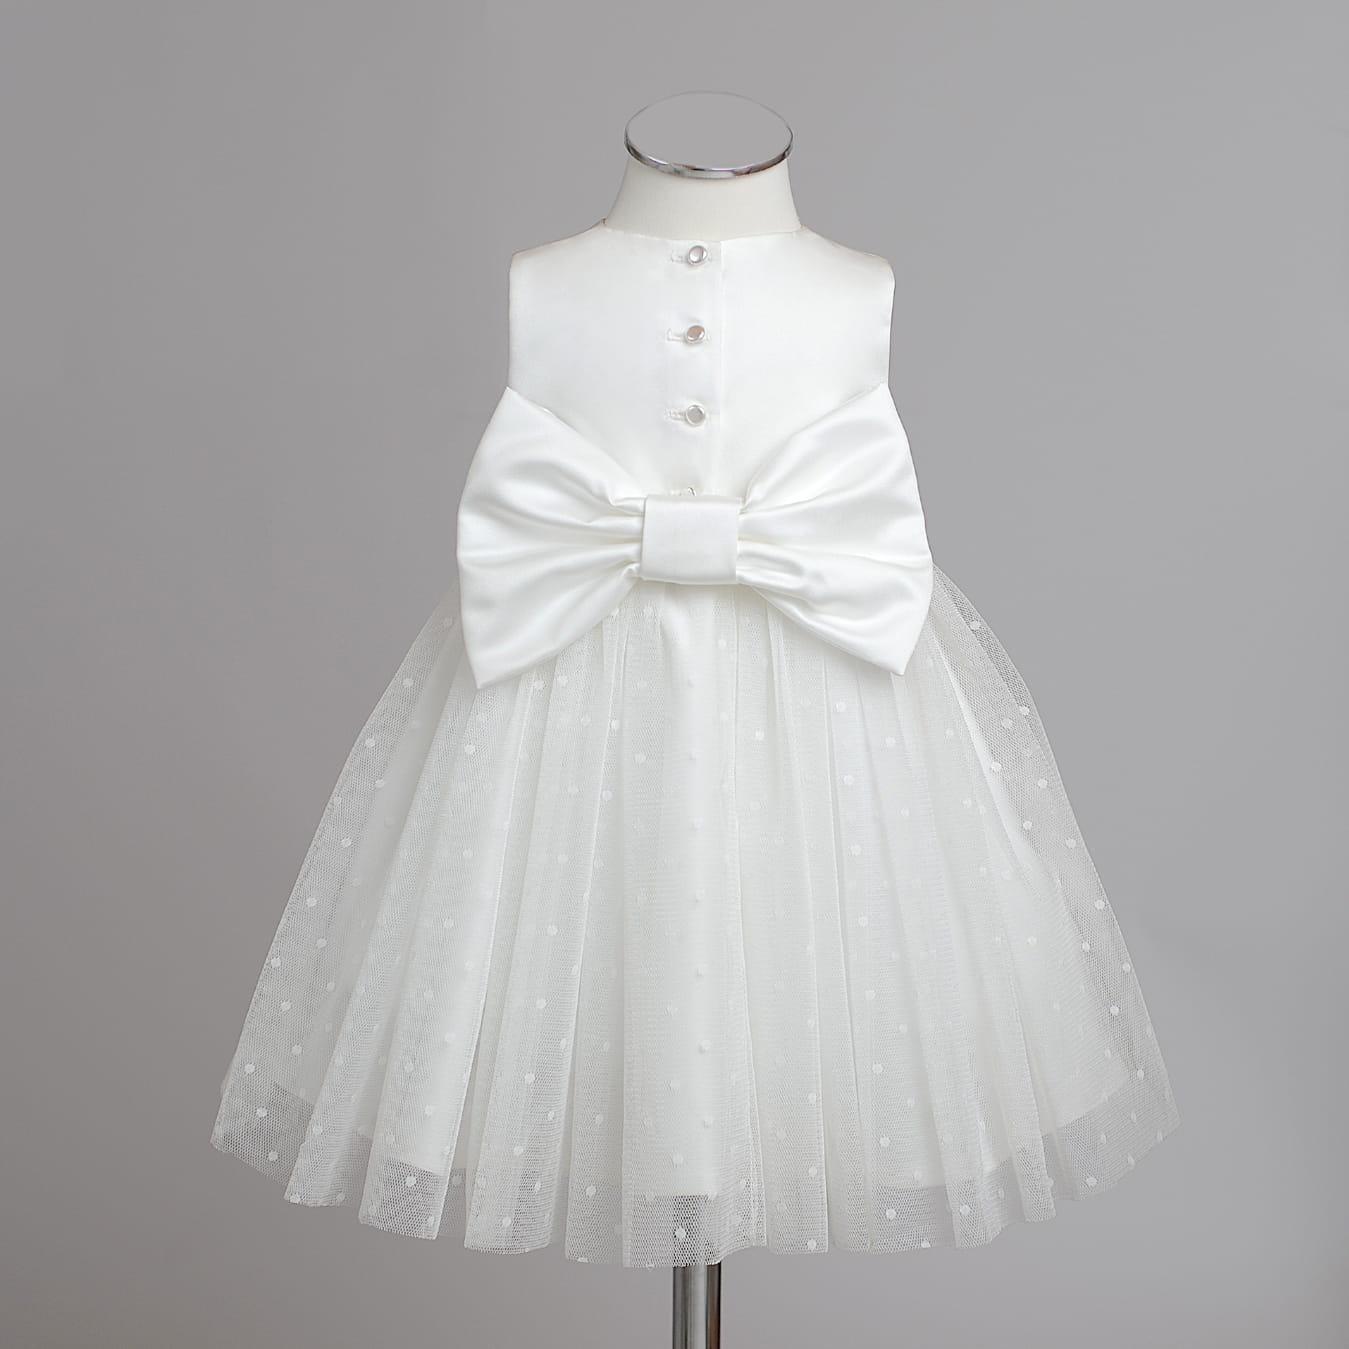 6e124680ab BOGNA sukienka wizytowa do chrztu dla dziewczynki Świat sukienek ...